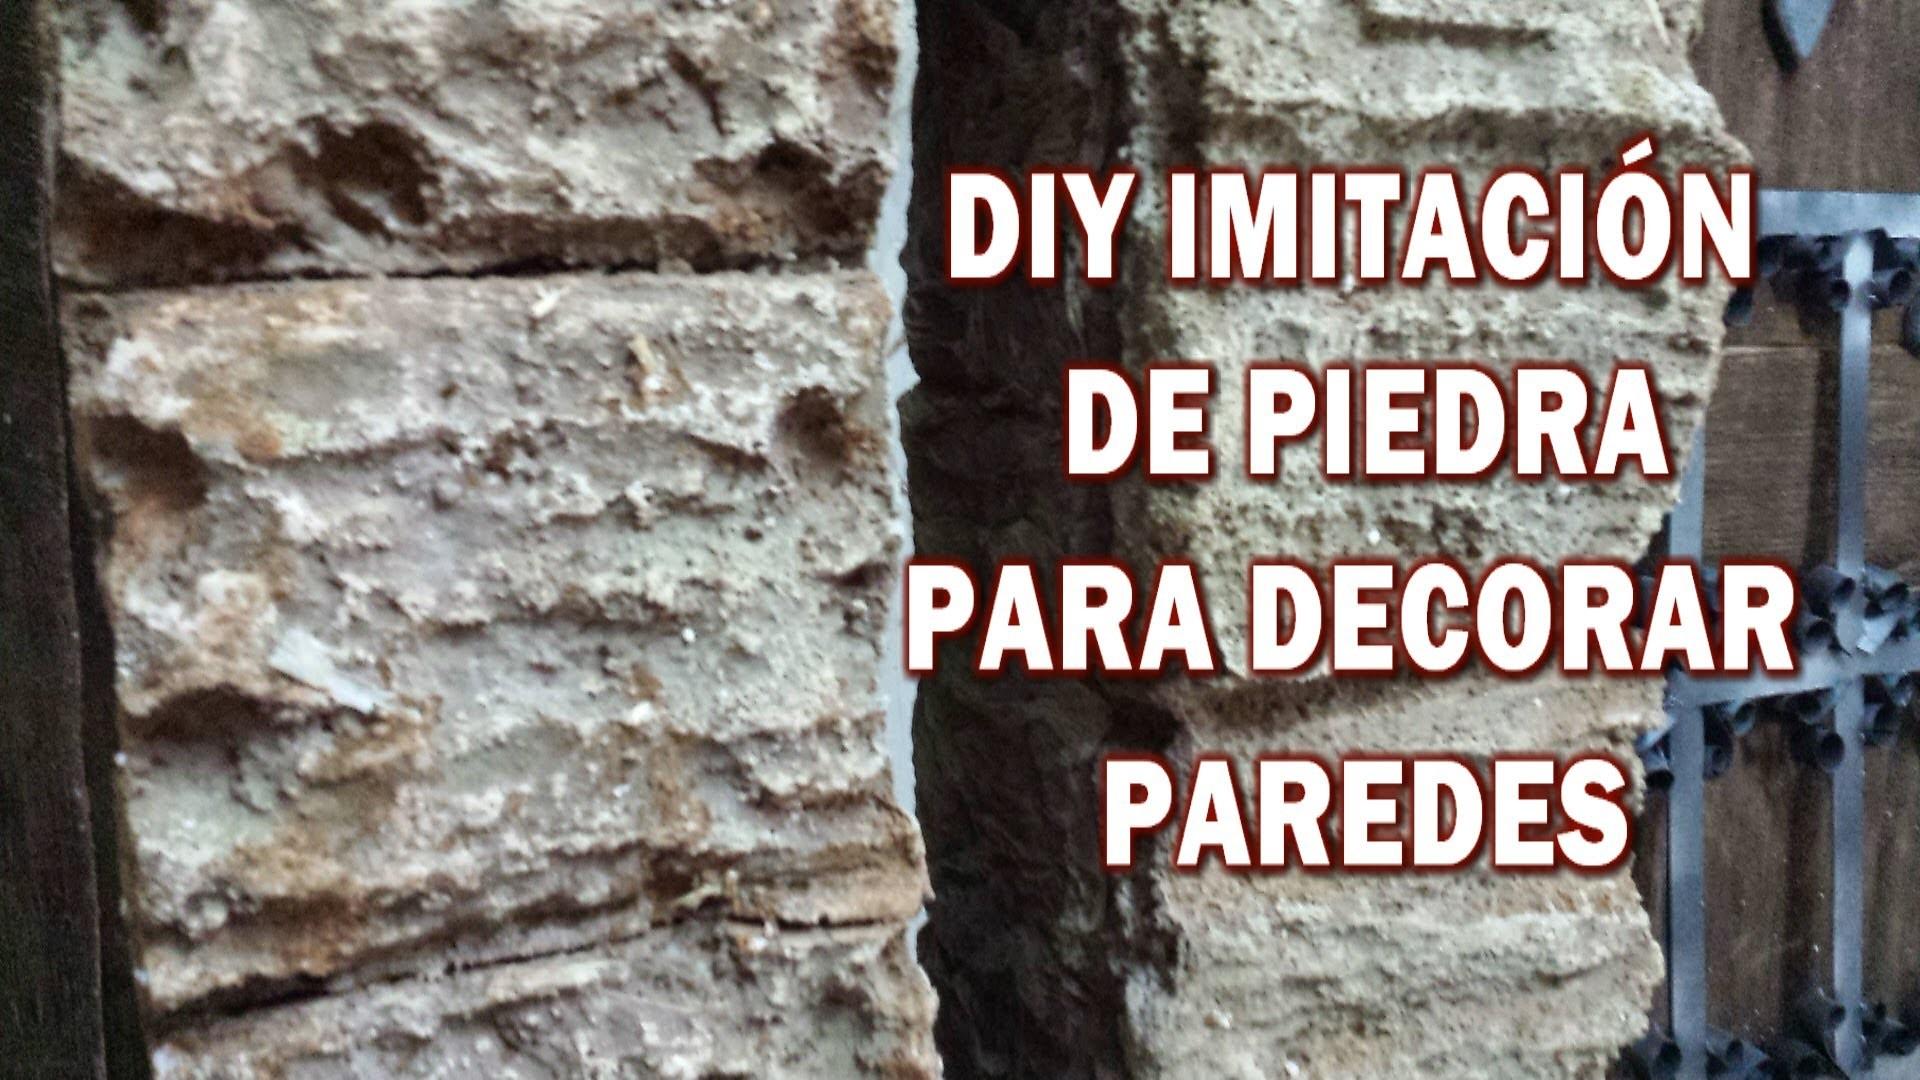 DIY IMITACIÓN DE PIEDRA RUSTICA, hazlo tu y decora tu casa - IMITATION STONE RUSTICA